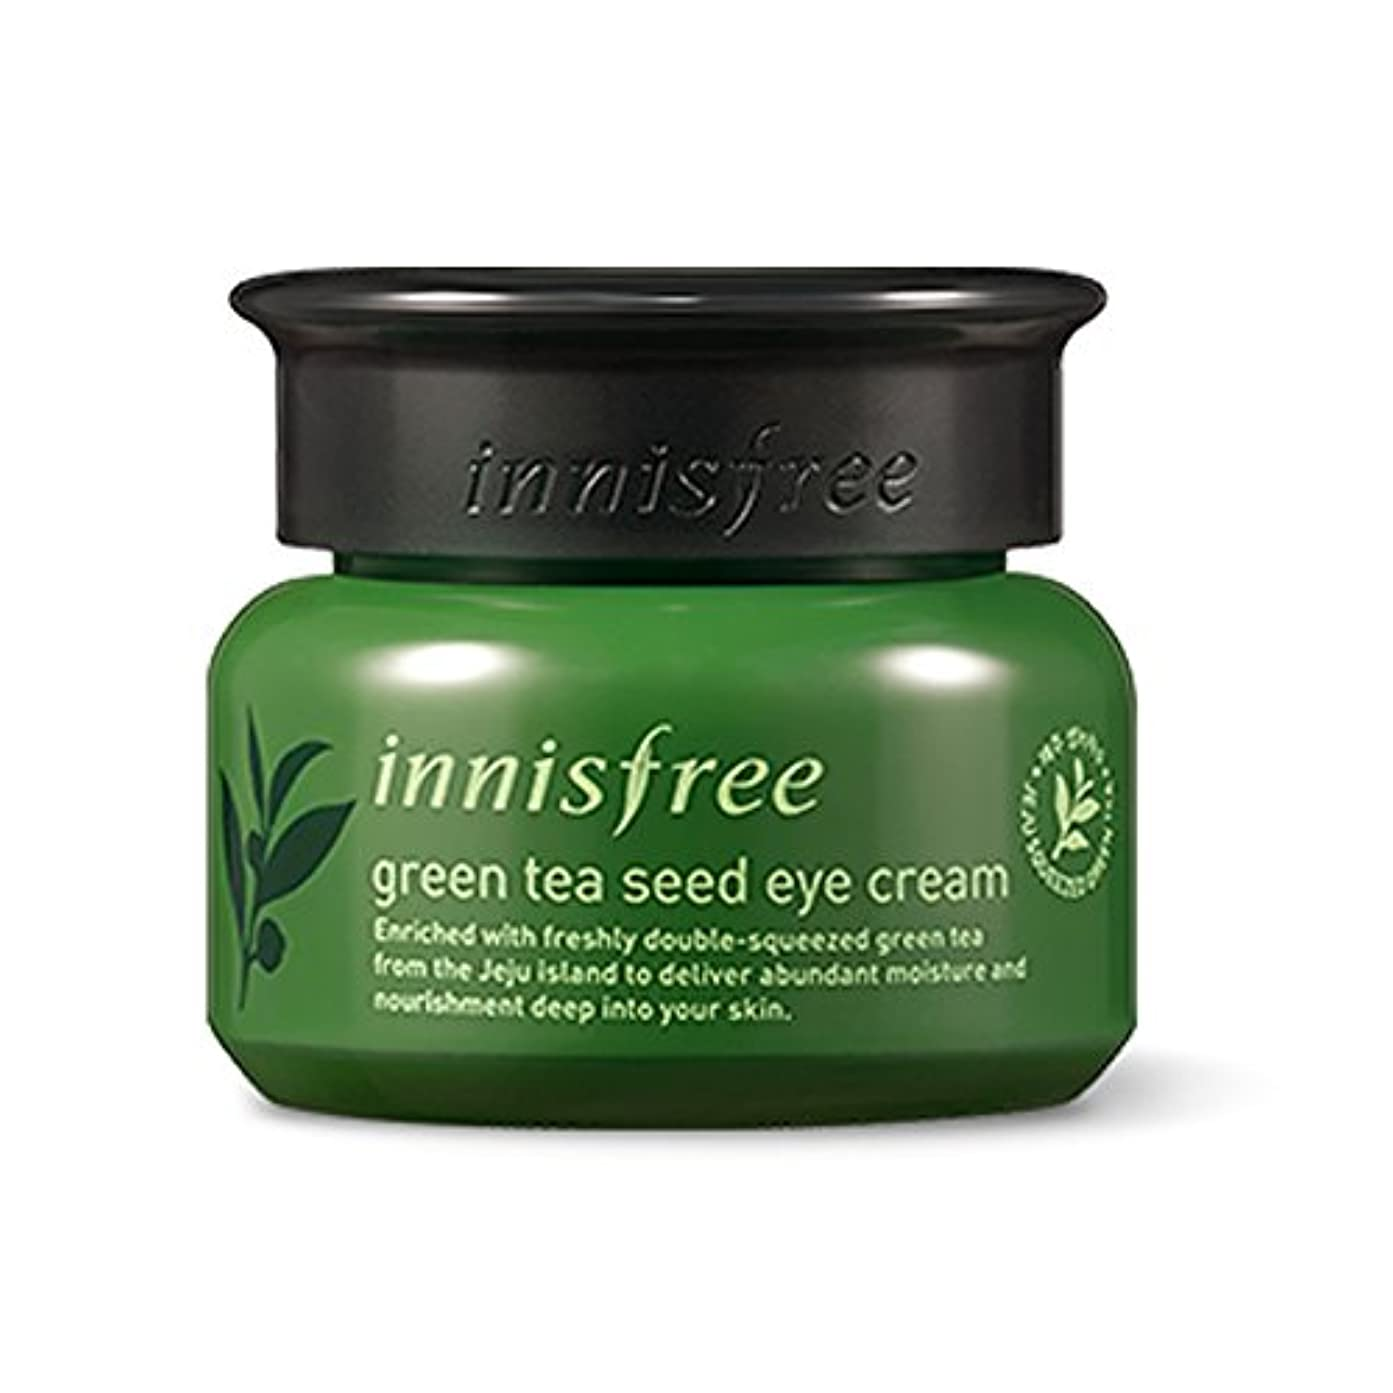 偽善者皮気難しいイニスフリーグリーンティーシードアイクリーム30ml Innisfree The Green Tea Seed Eye Cream 30ml [海外直送品][並行輸入品]